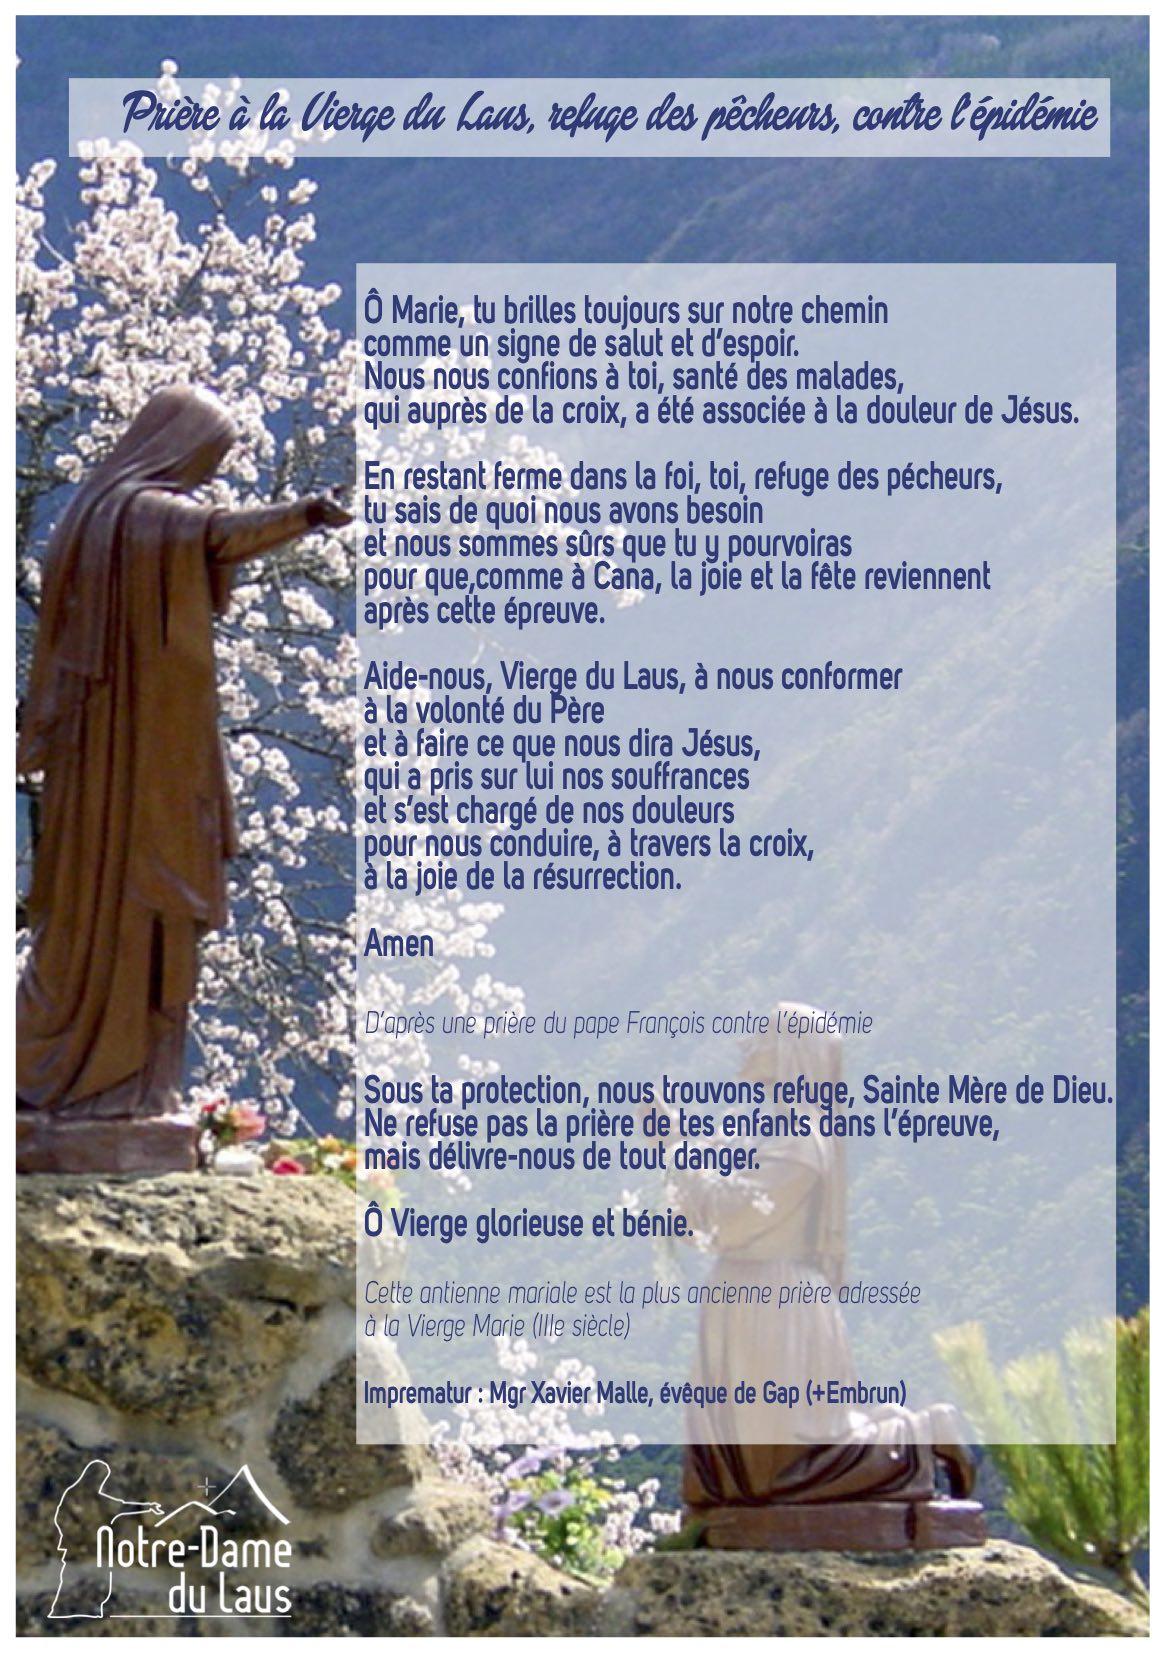 Communion de désir et prière pendant le confinement